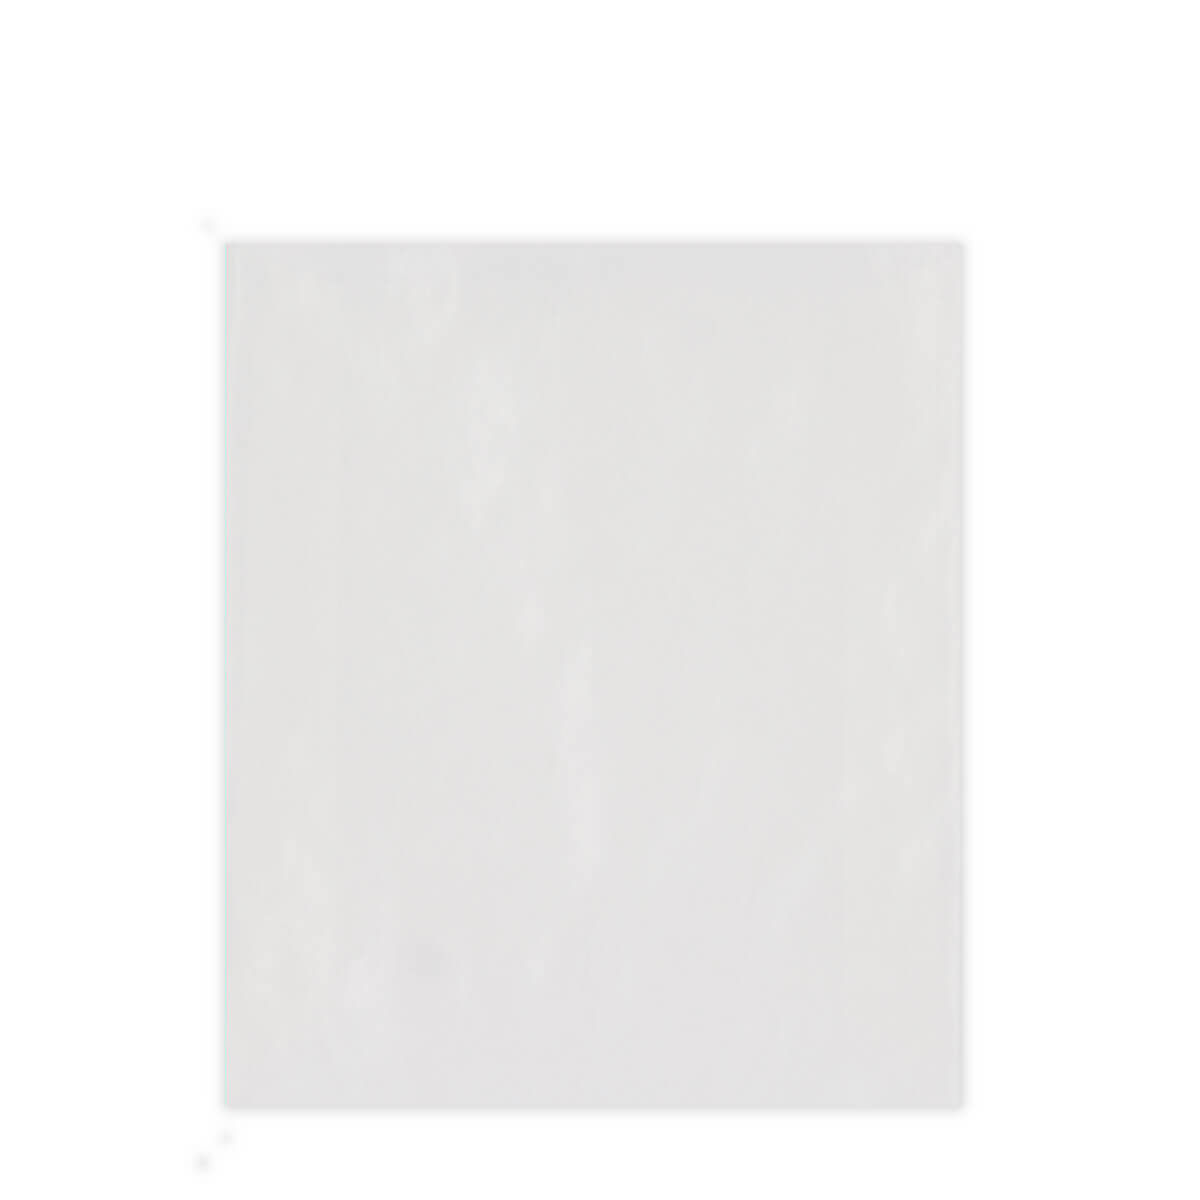 108 x 92 MM GLASSINE ENVELOPES